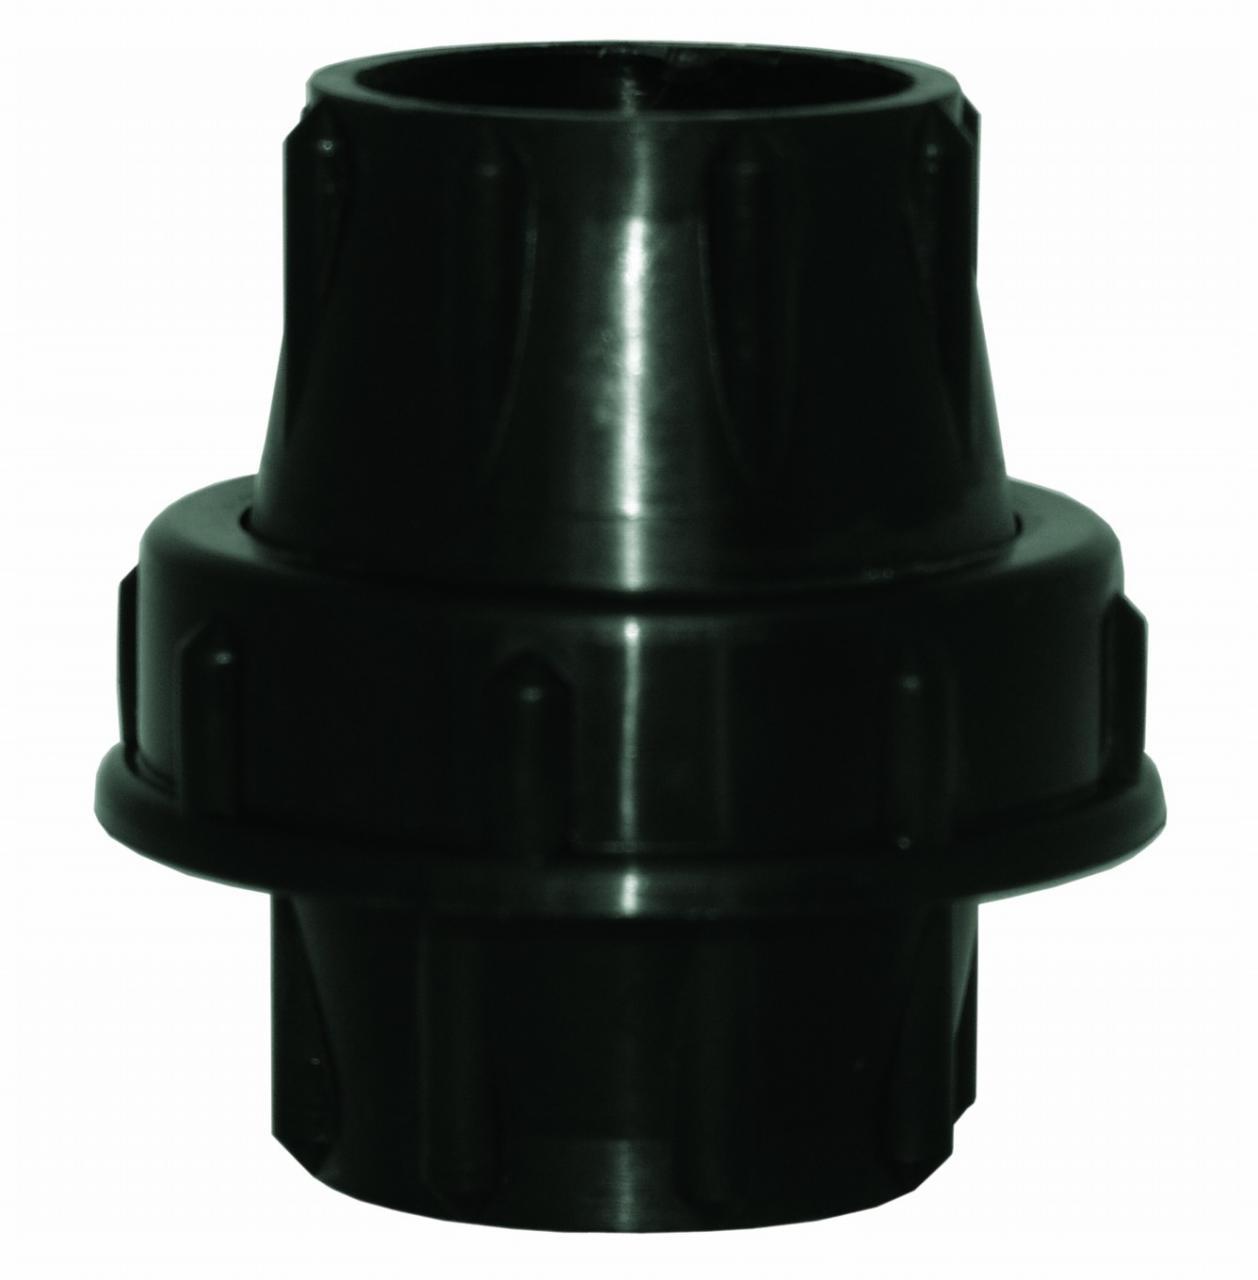 UNIAO EM PLASTICO PARA TUBO DE 38MM (C/BORRACHA)